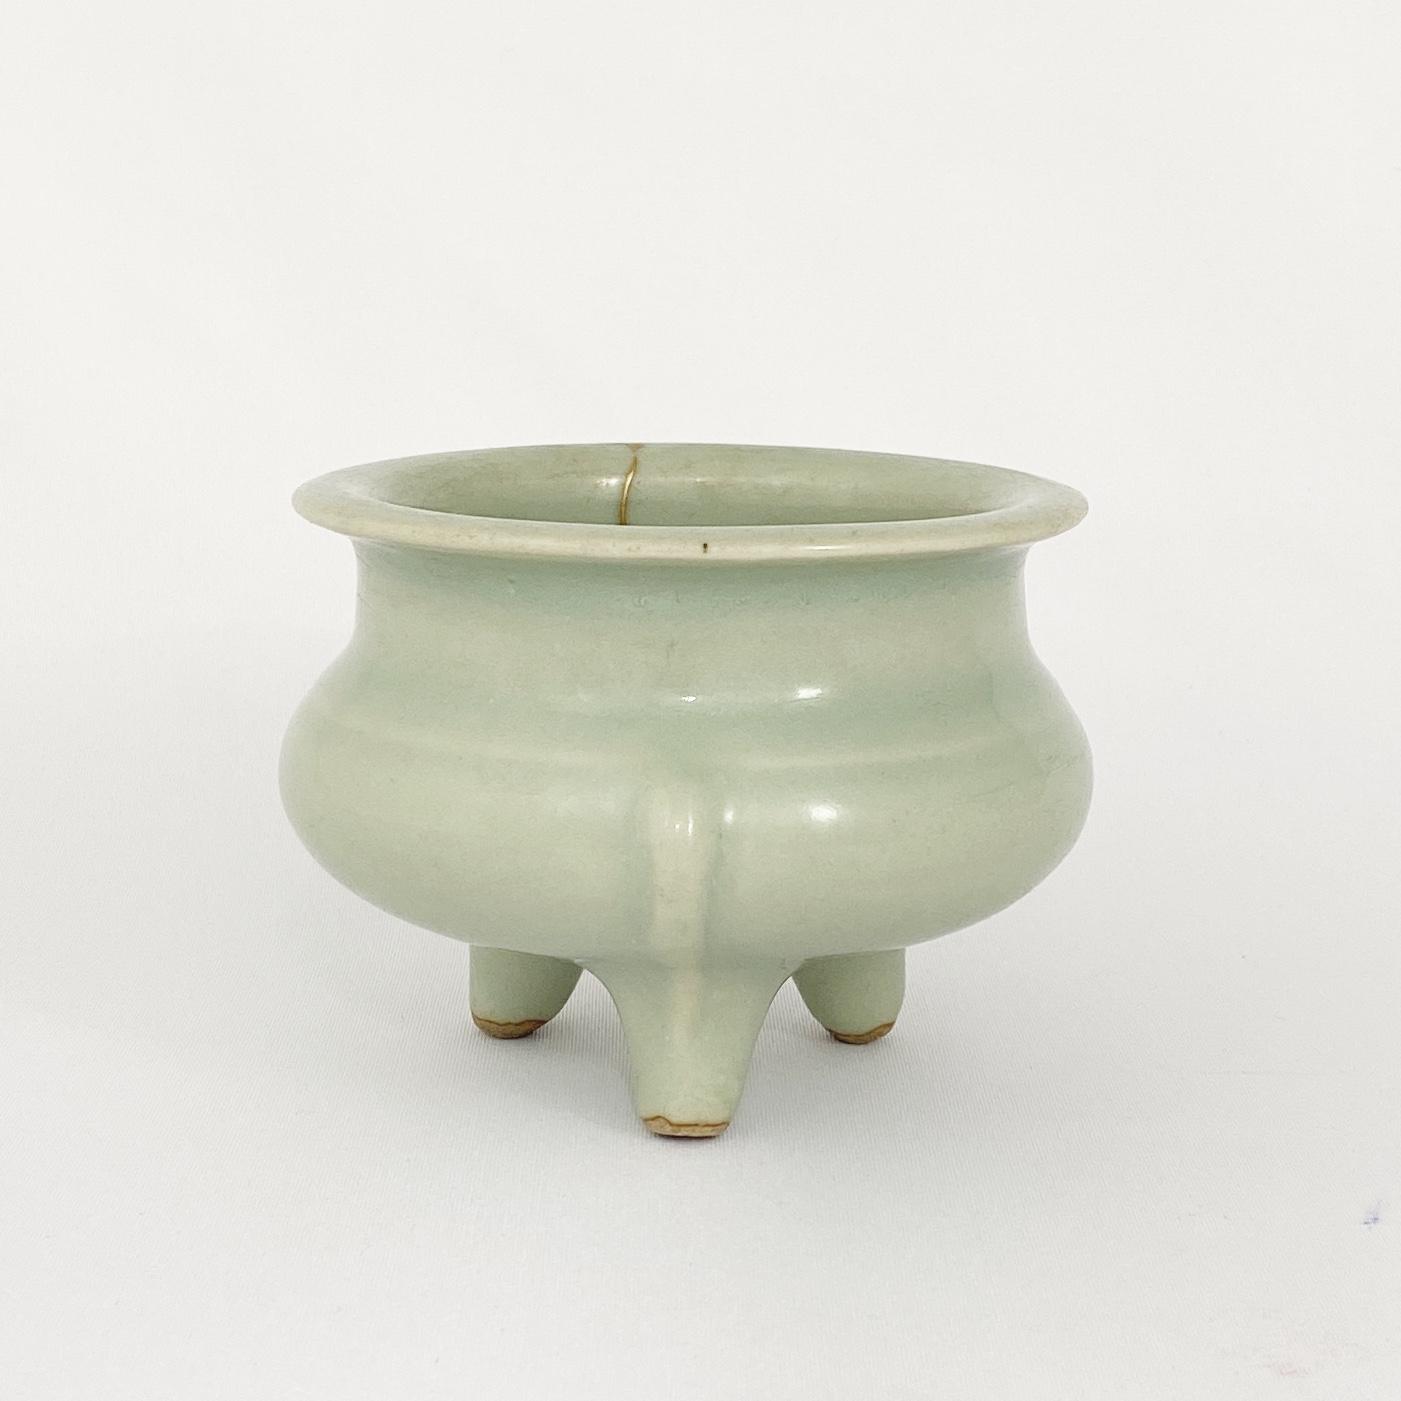 10191南宋 龍泉窯 鬲式 爐